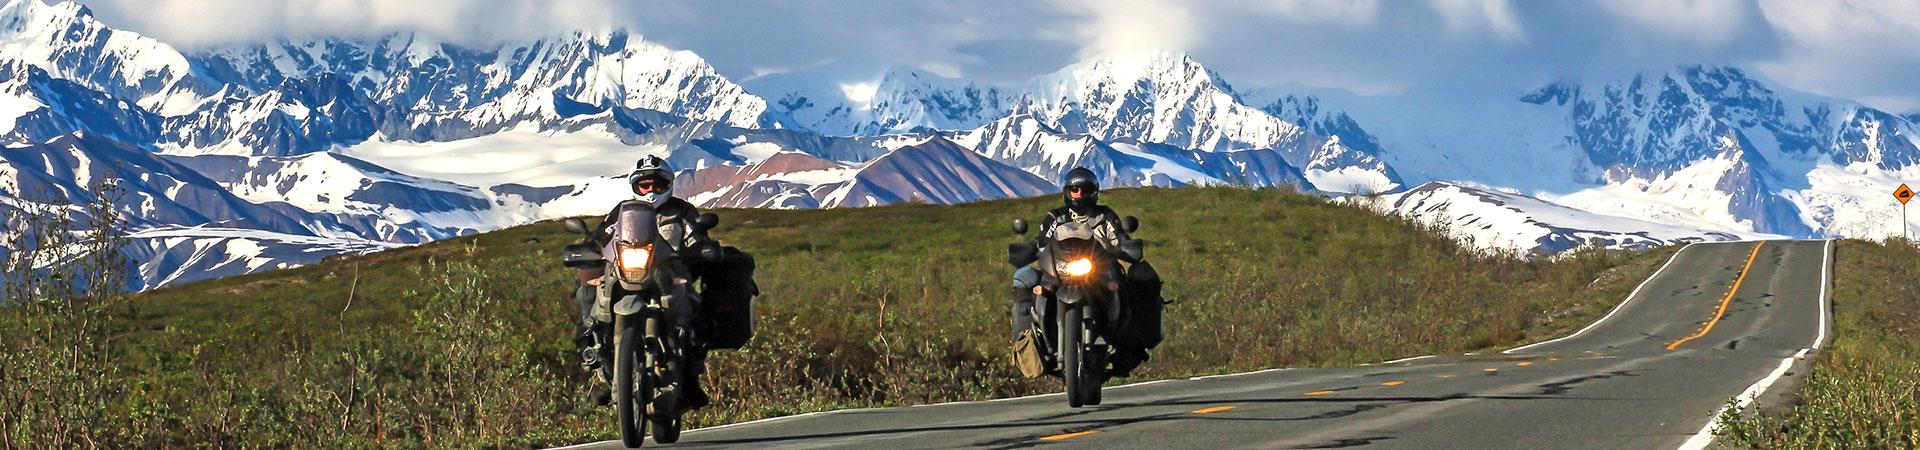 Motorradreise-Alaska-USA